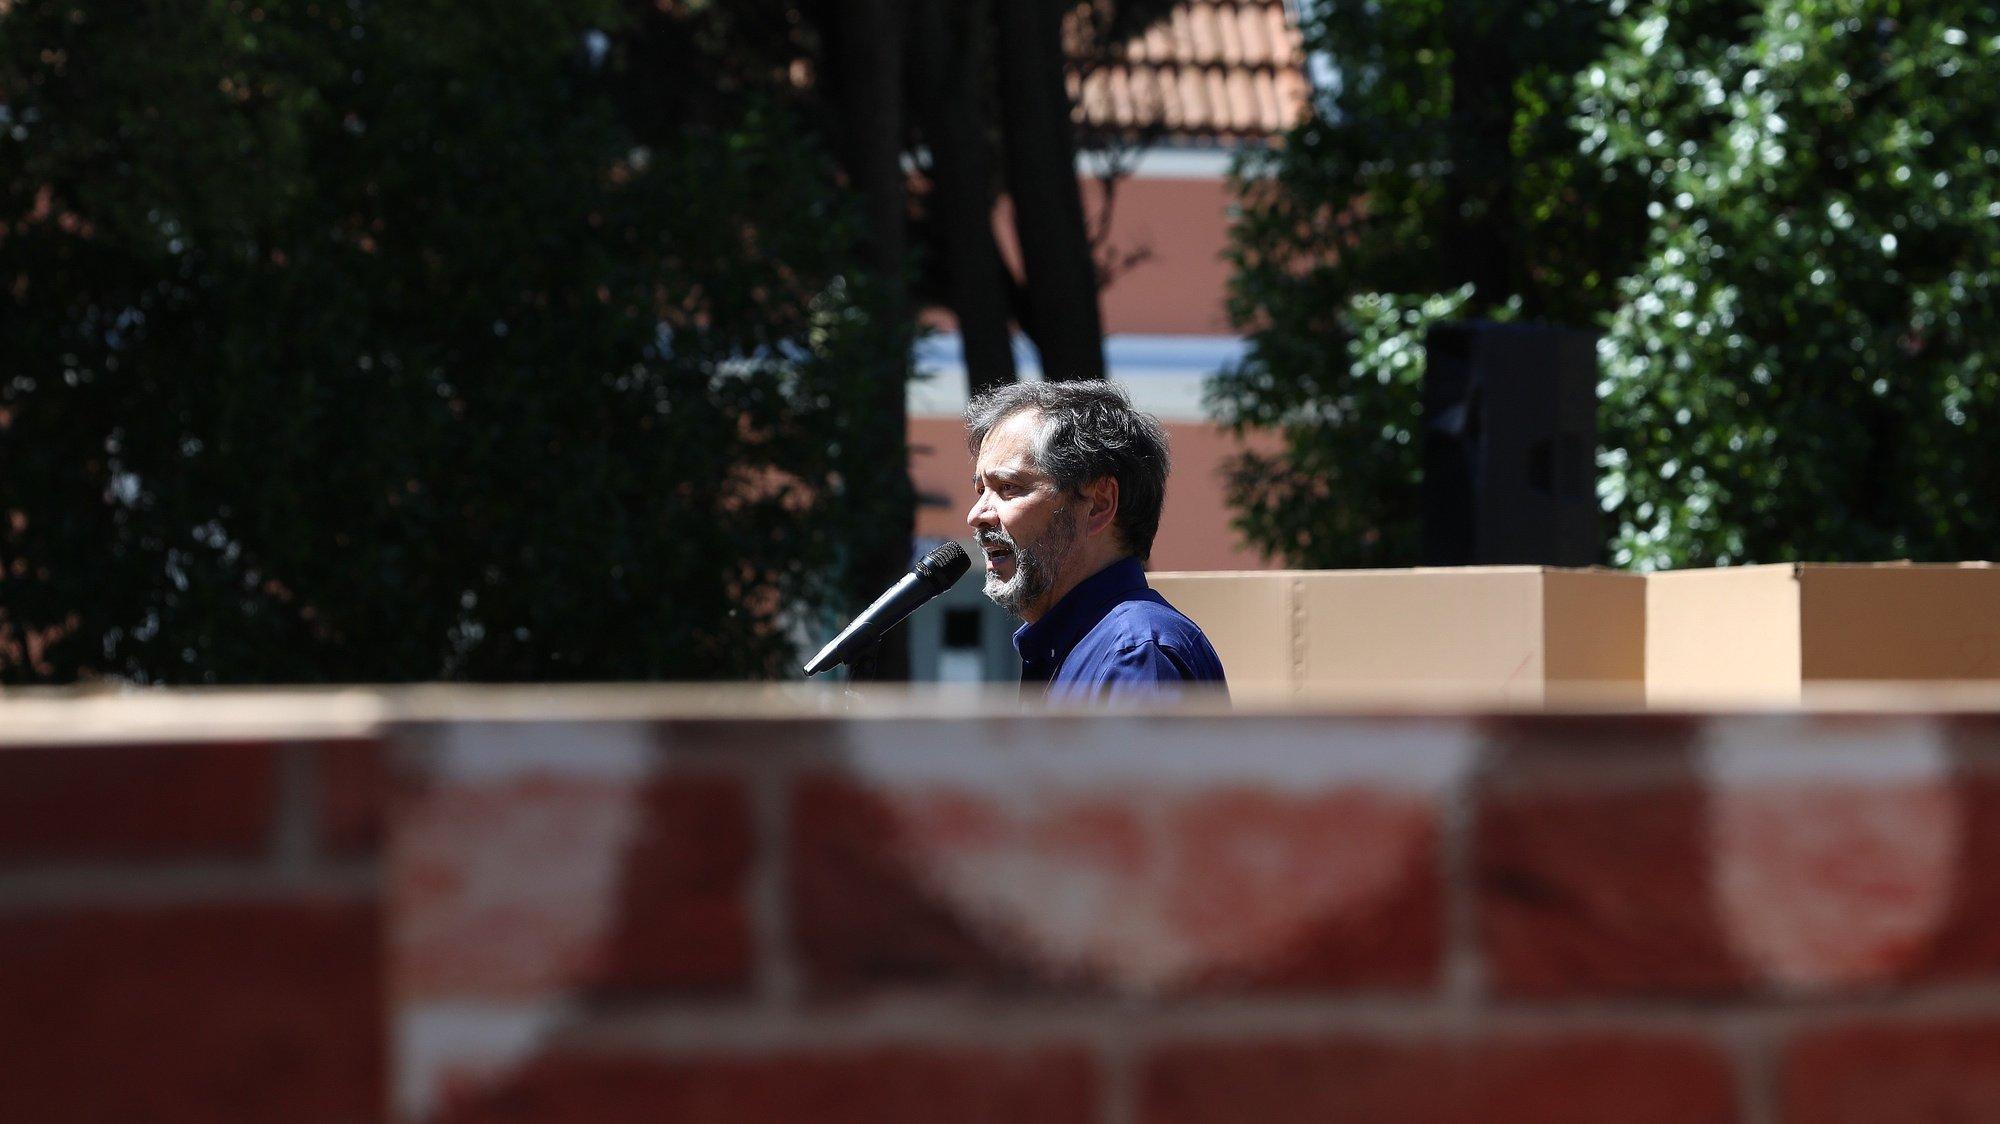 O secretário-geral da Federação Nacional dos Professores (FENPROF), Mário Nogueira, discursa durante uma ação de protesto dos professores junto ao Palácio Nacional da Ajuda, em Lisboa, 20 de maio de 2021. Esta é a terceiro de quatro protestos que a Federação Nacional dos Professores (FENPROF) promove, neste mês de maio, por melhores condições de trabalho. ANTÓNIO COTRIM/LUSA